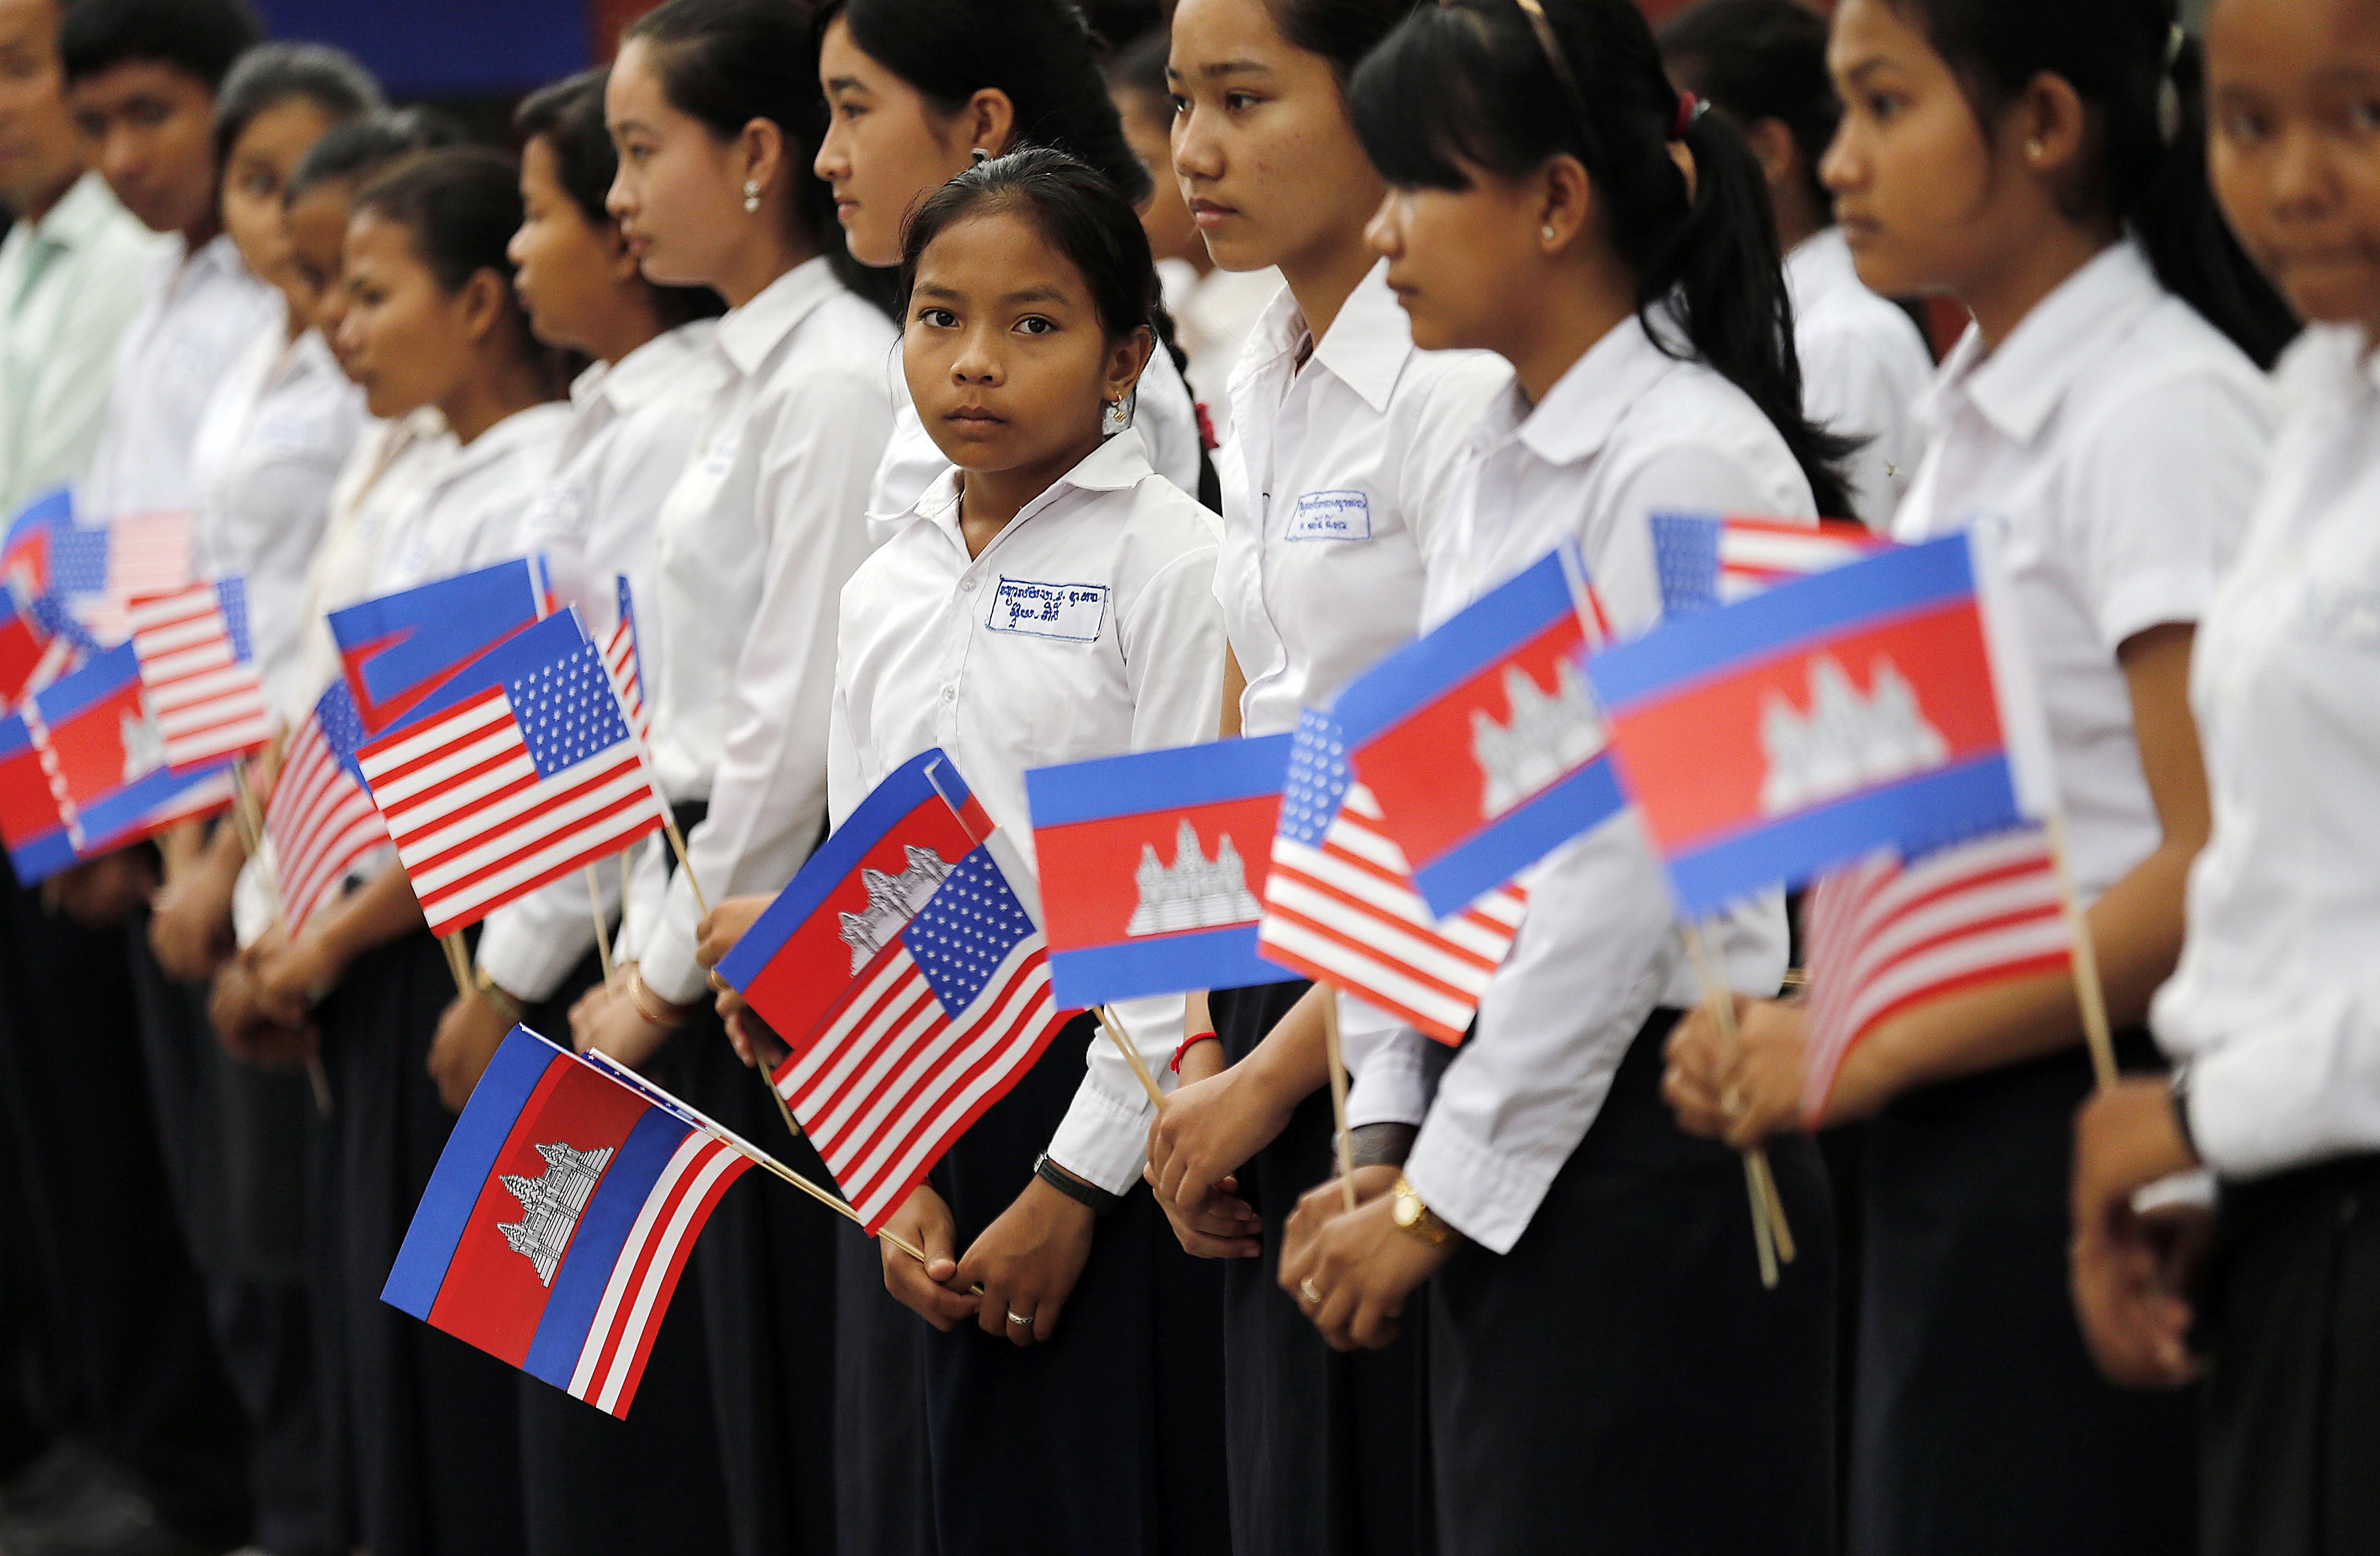 Un groupe d'adolescentes, alignées, tenant des drapeaux cambodgiens et américains (© AP Images)